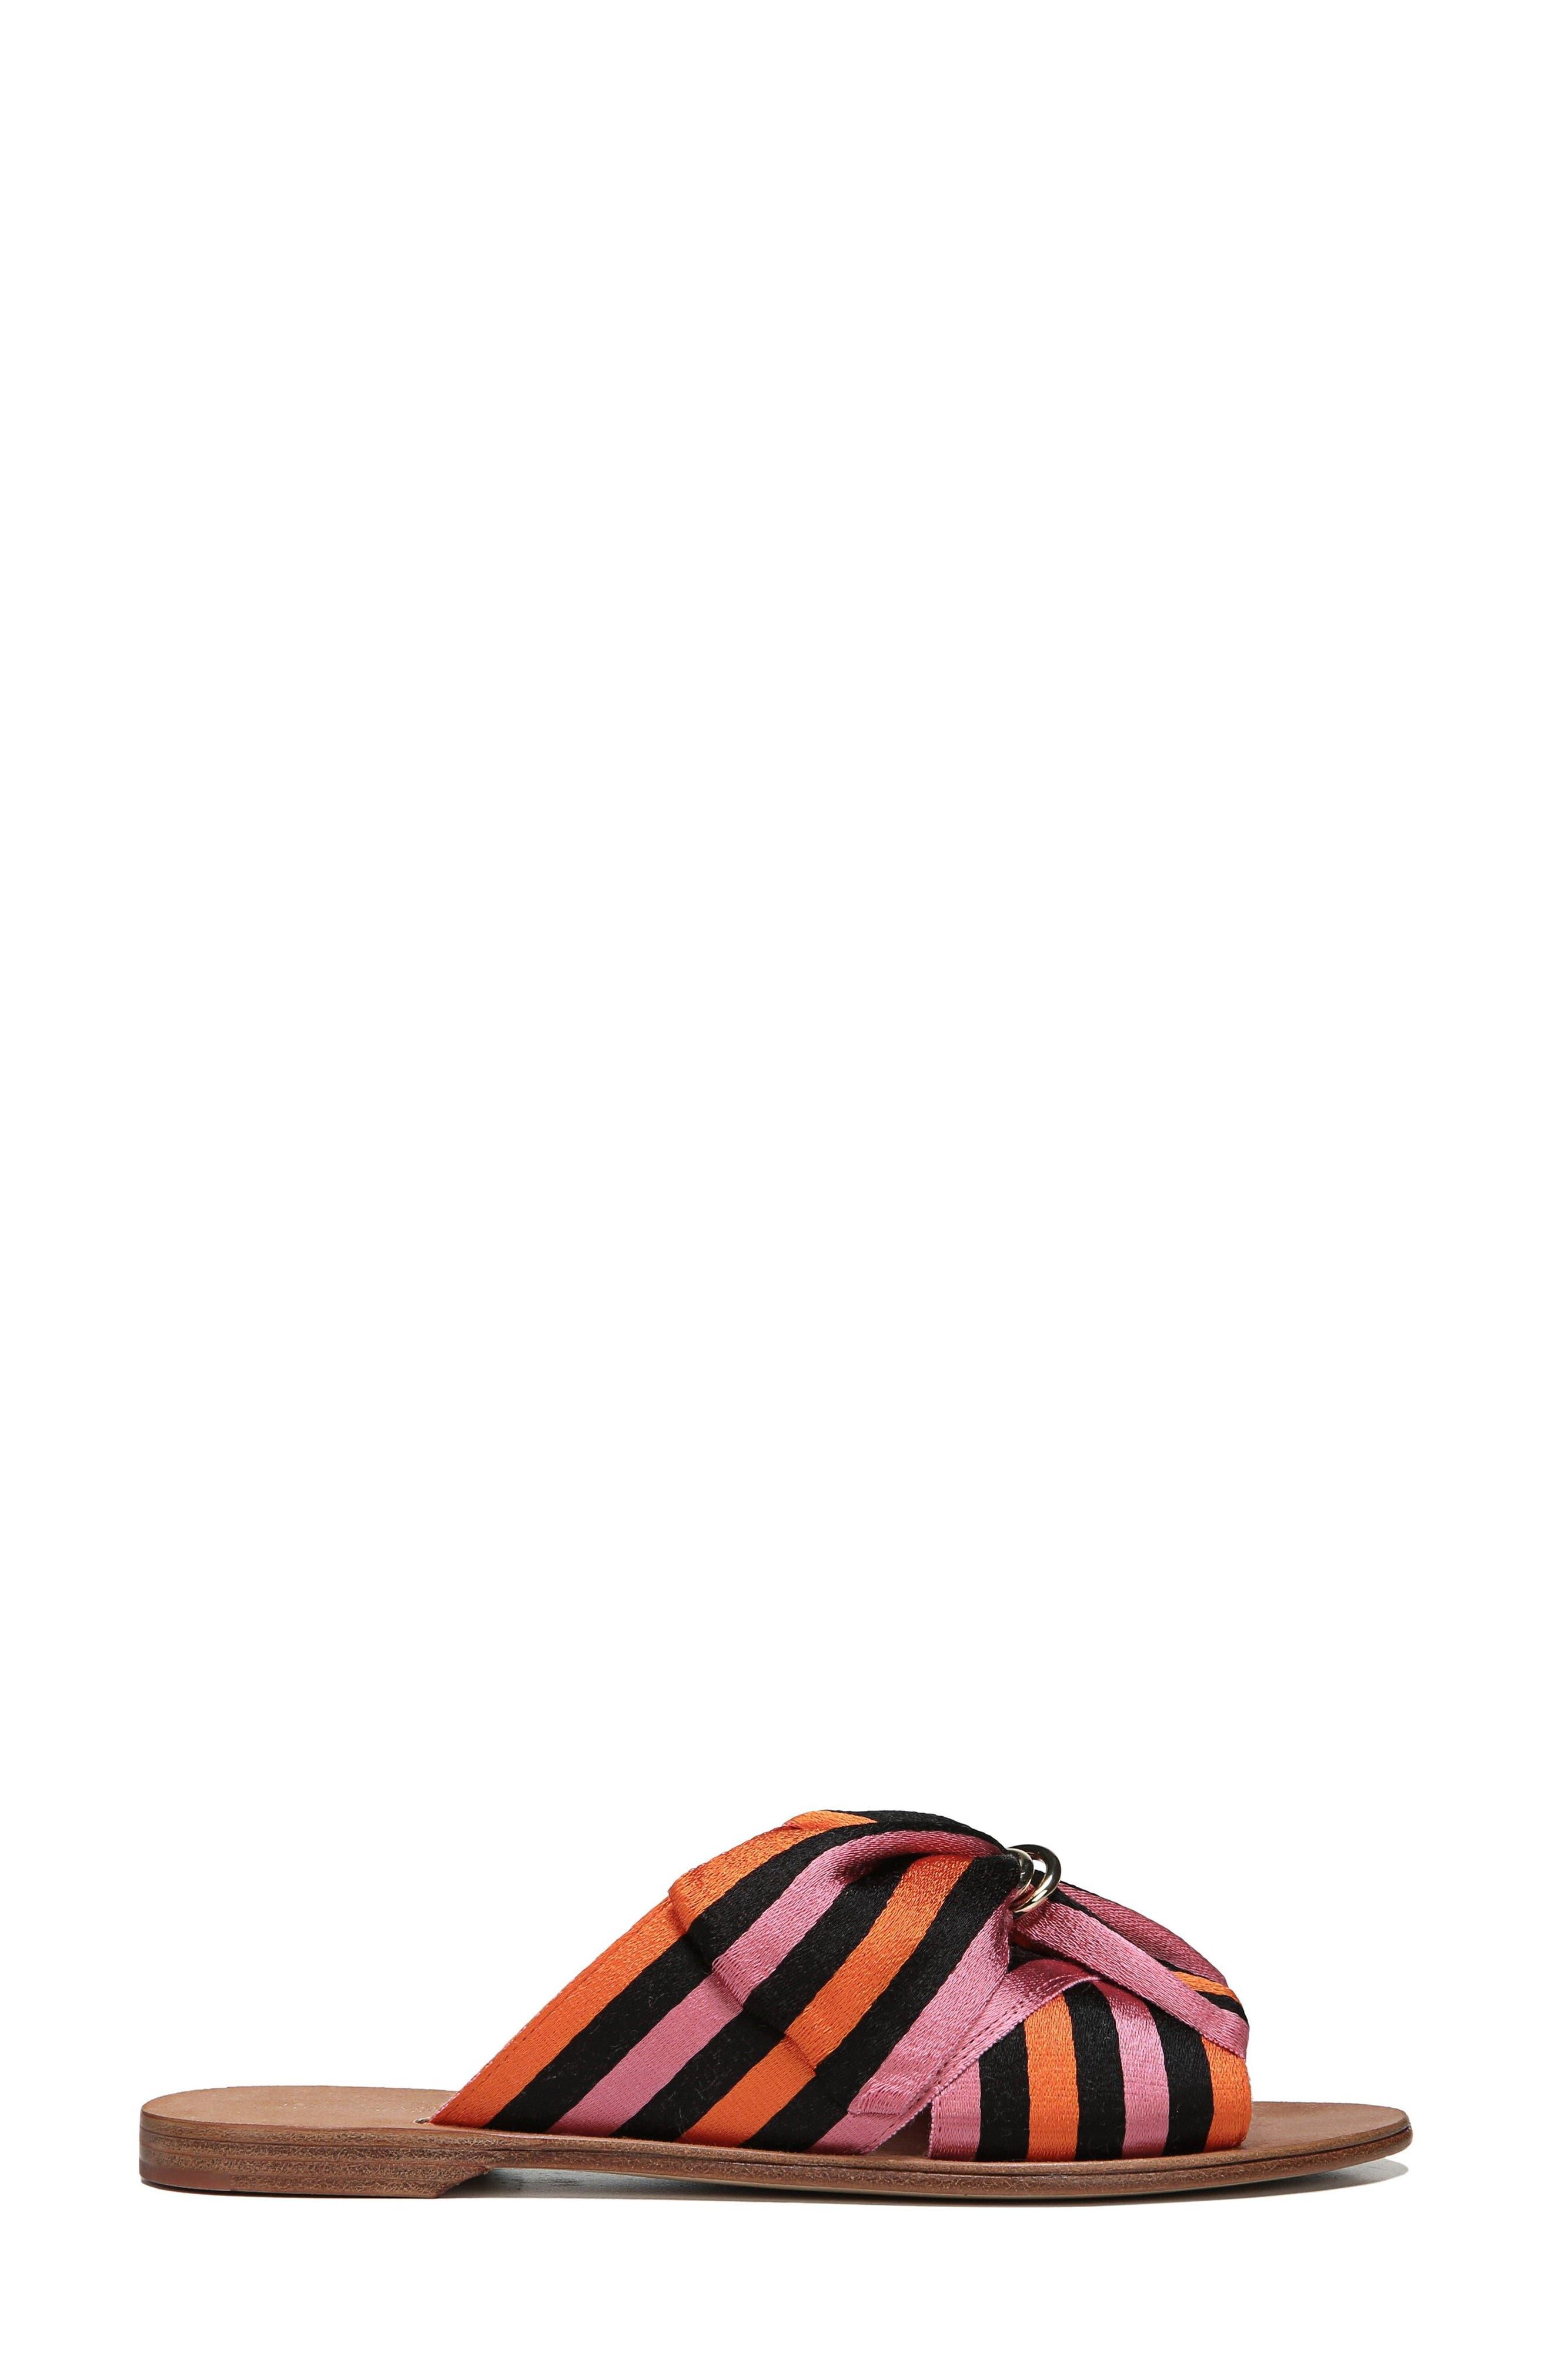 Bella Asymmetrical Slide Sandal,                             Alternate thumbnail 3, color,                             Rose Multi